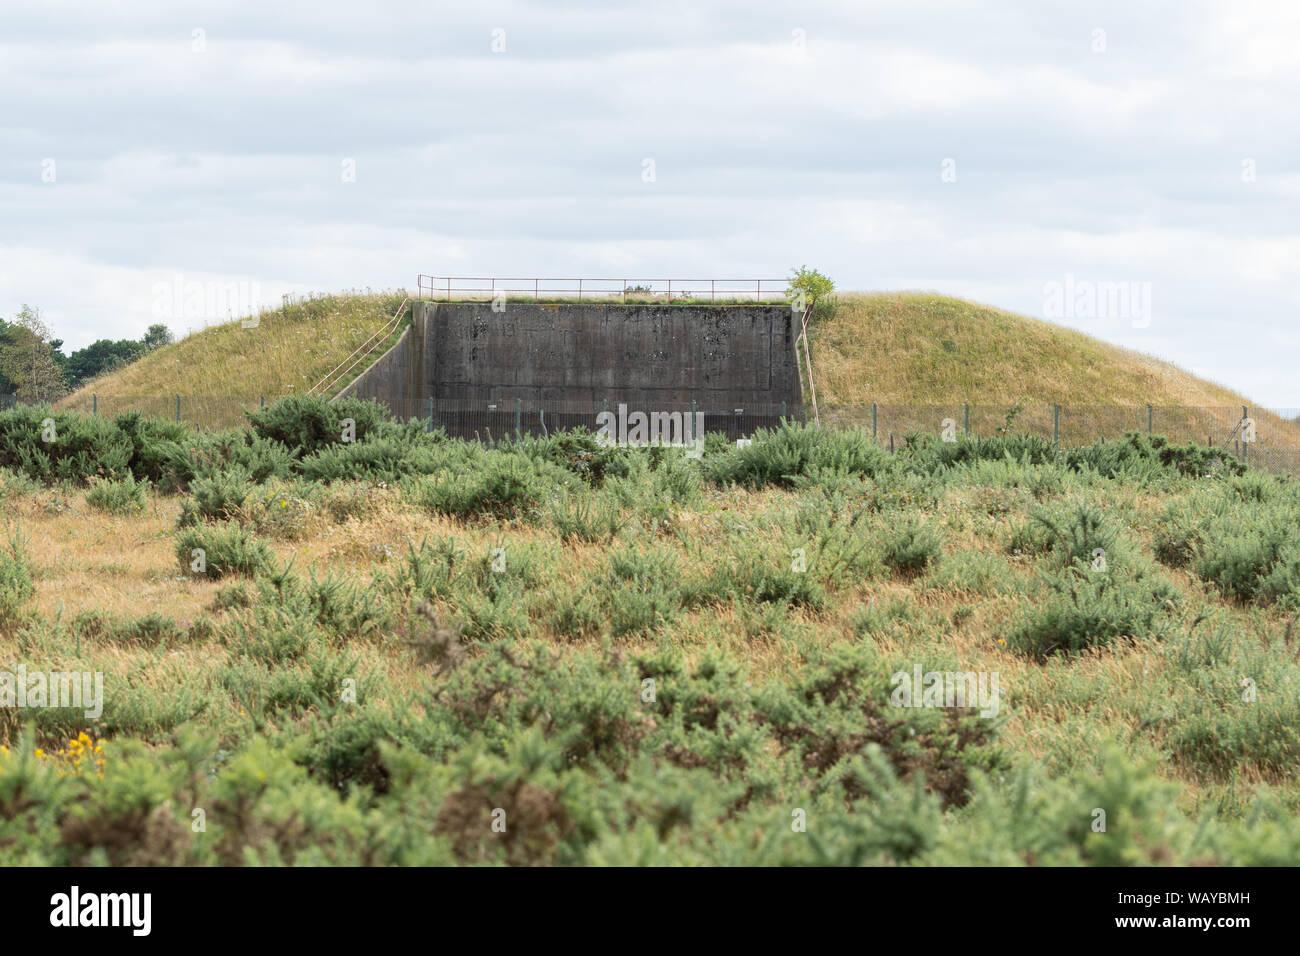 Des silos à missiles nucléaires désaffectées à RAF Greenham Common, un ancien logement de la base aérienne de missiles de croisière américains, Berkshire, Royaume-Uni Banque D'Images